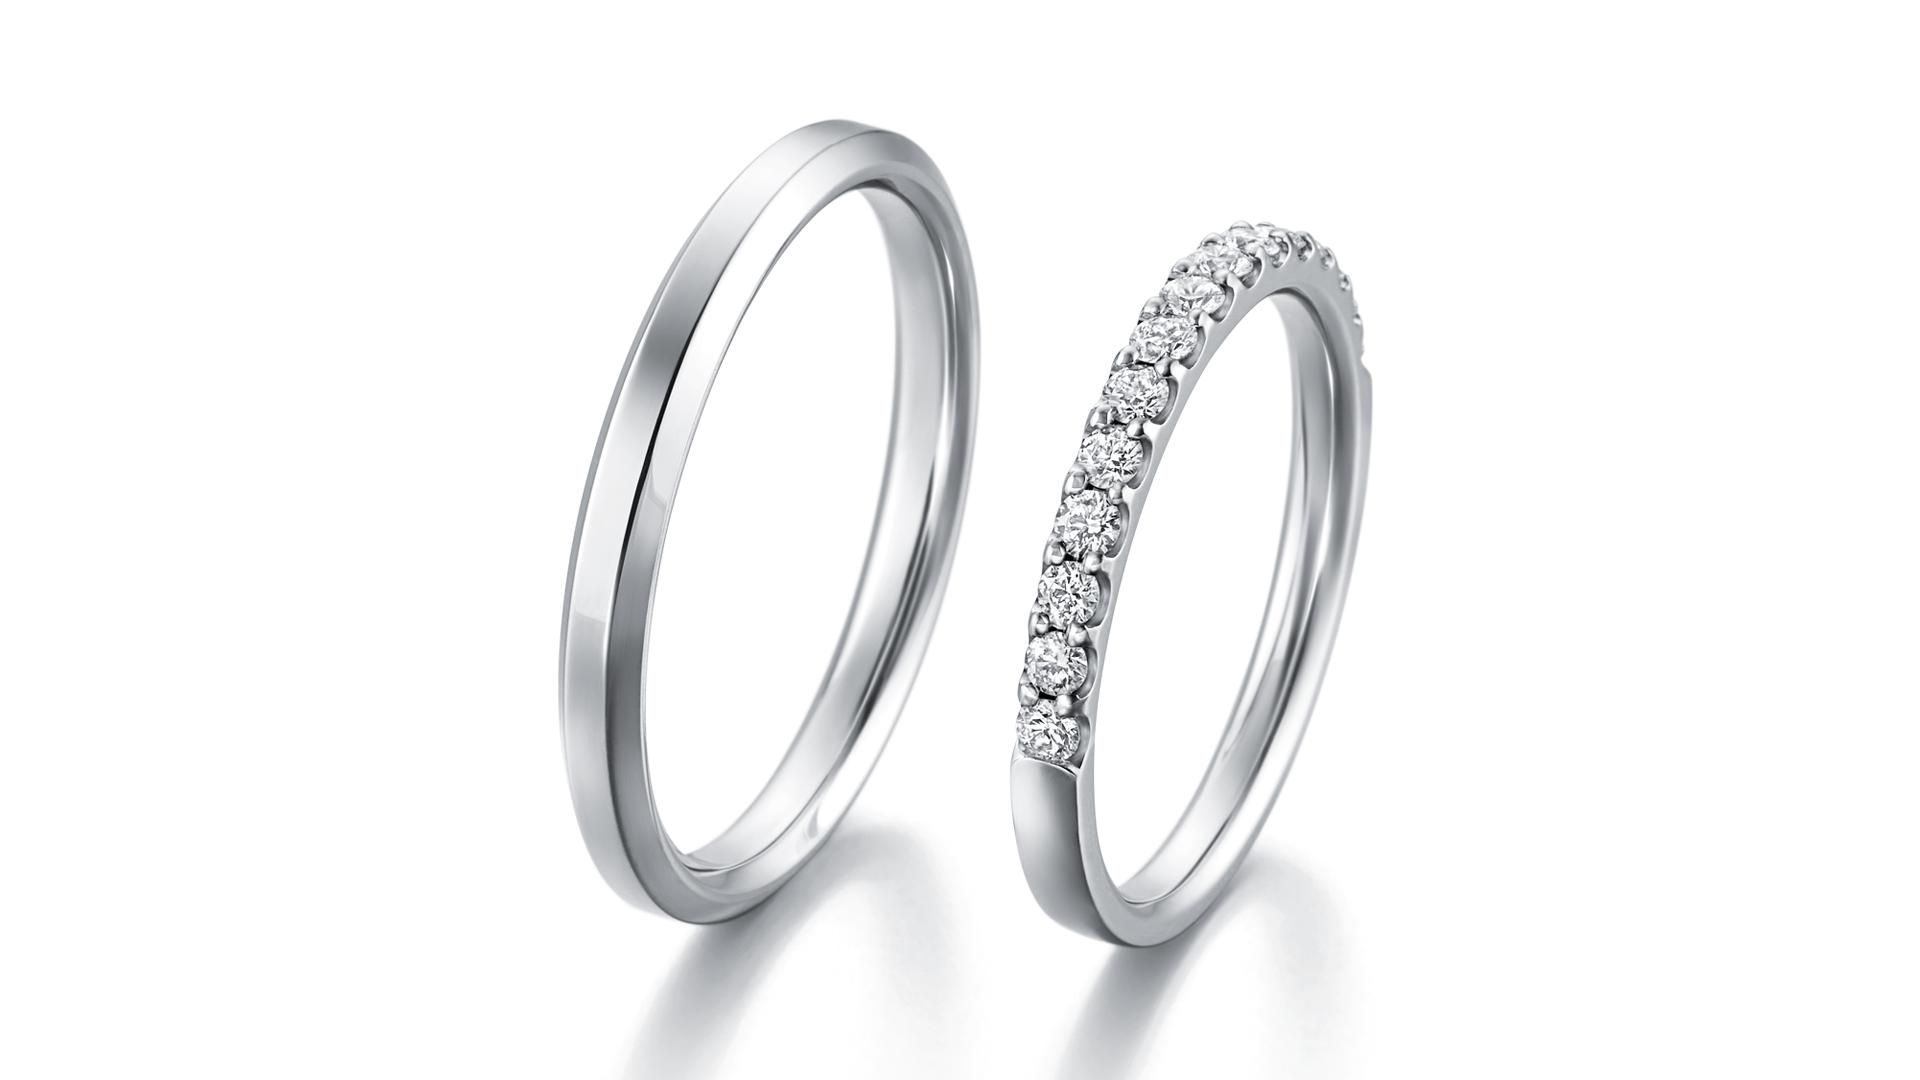 vestalis ウェスタリス | 結婚指輪サムネイル 2